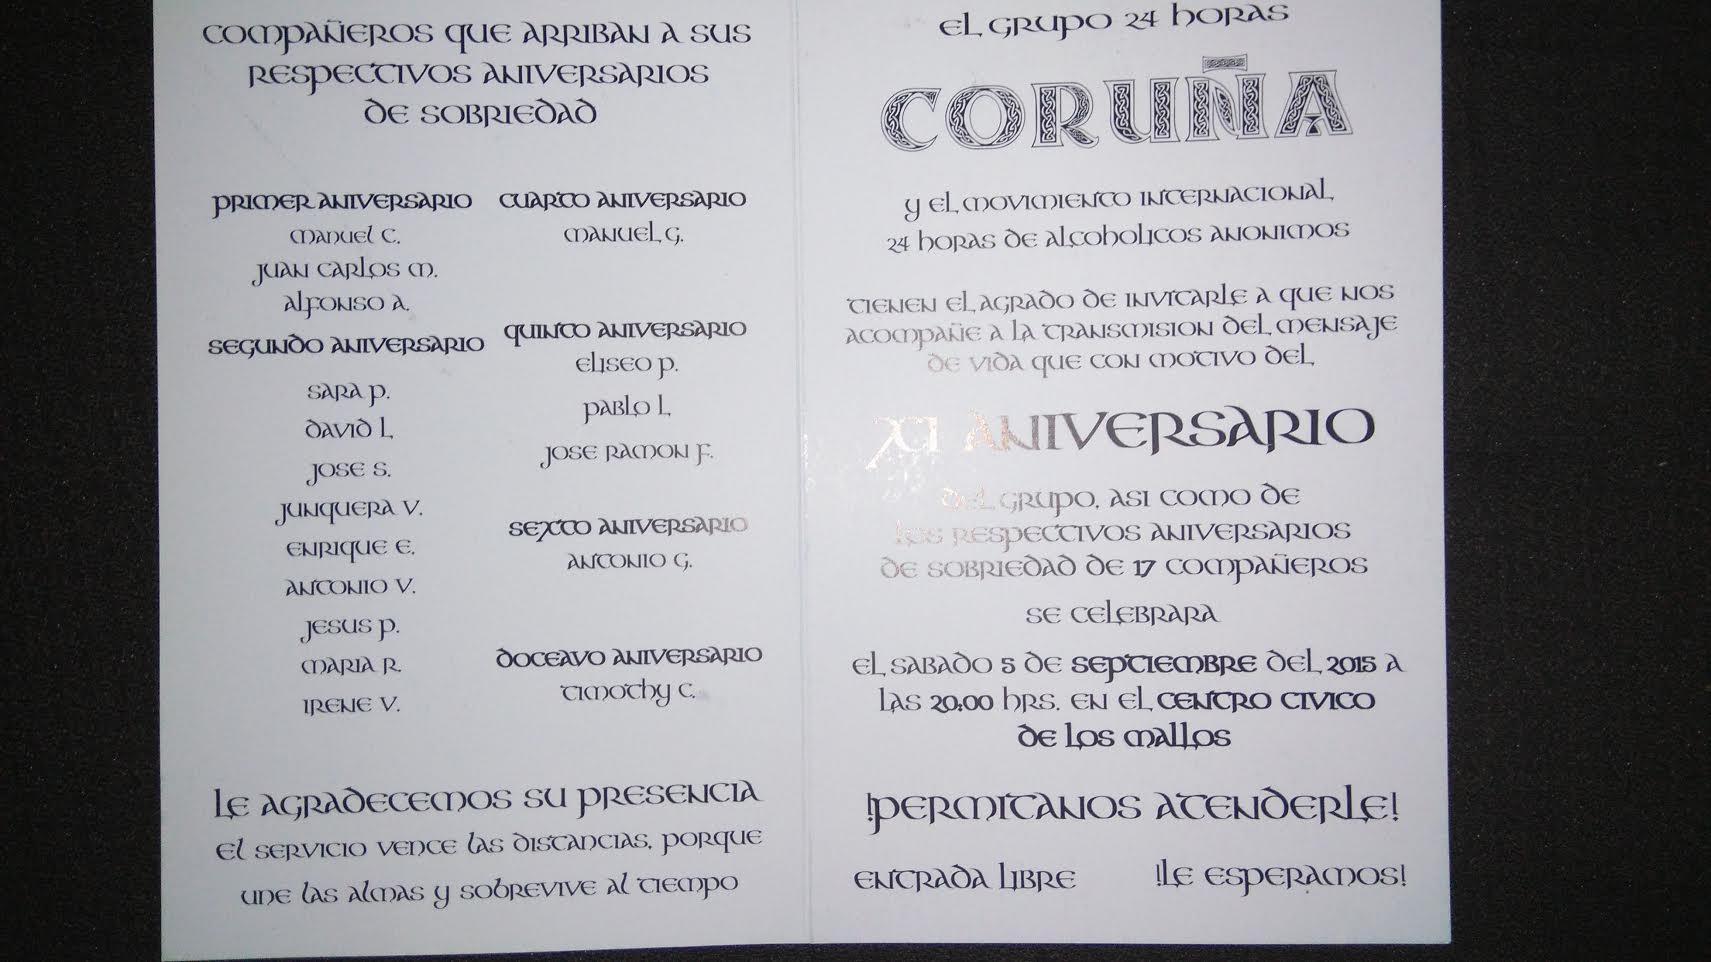 invitacioncoruña2